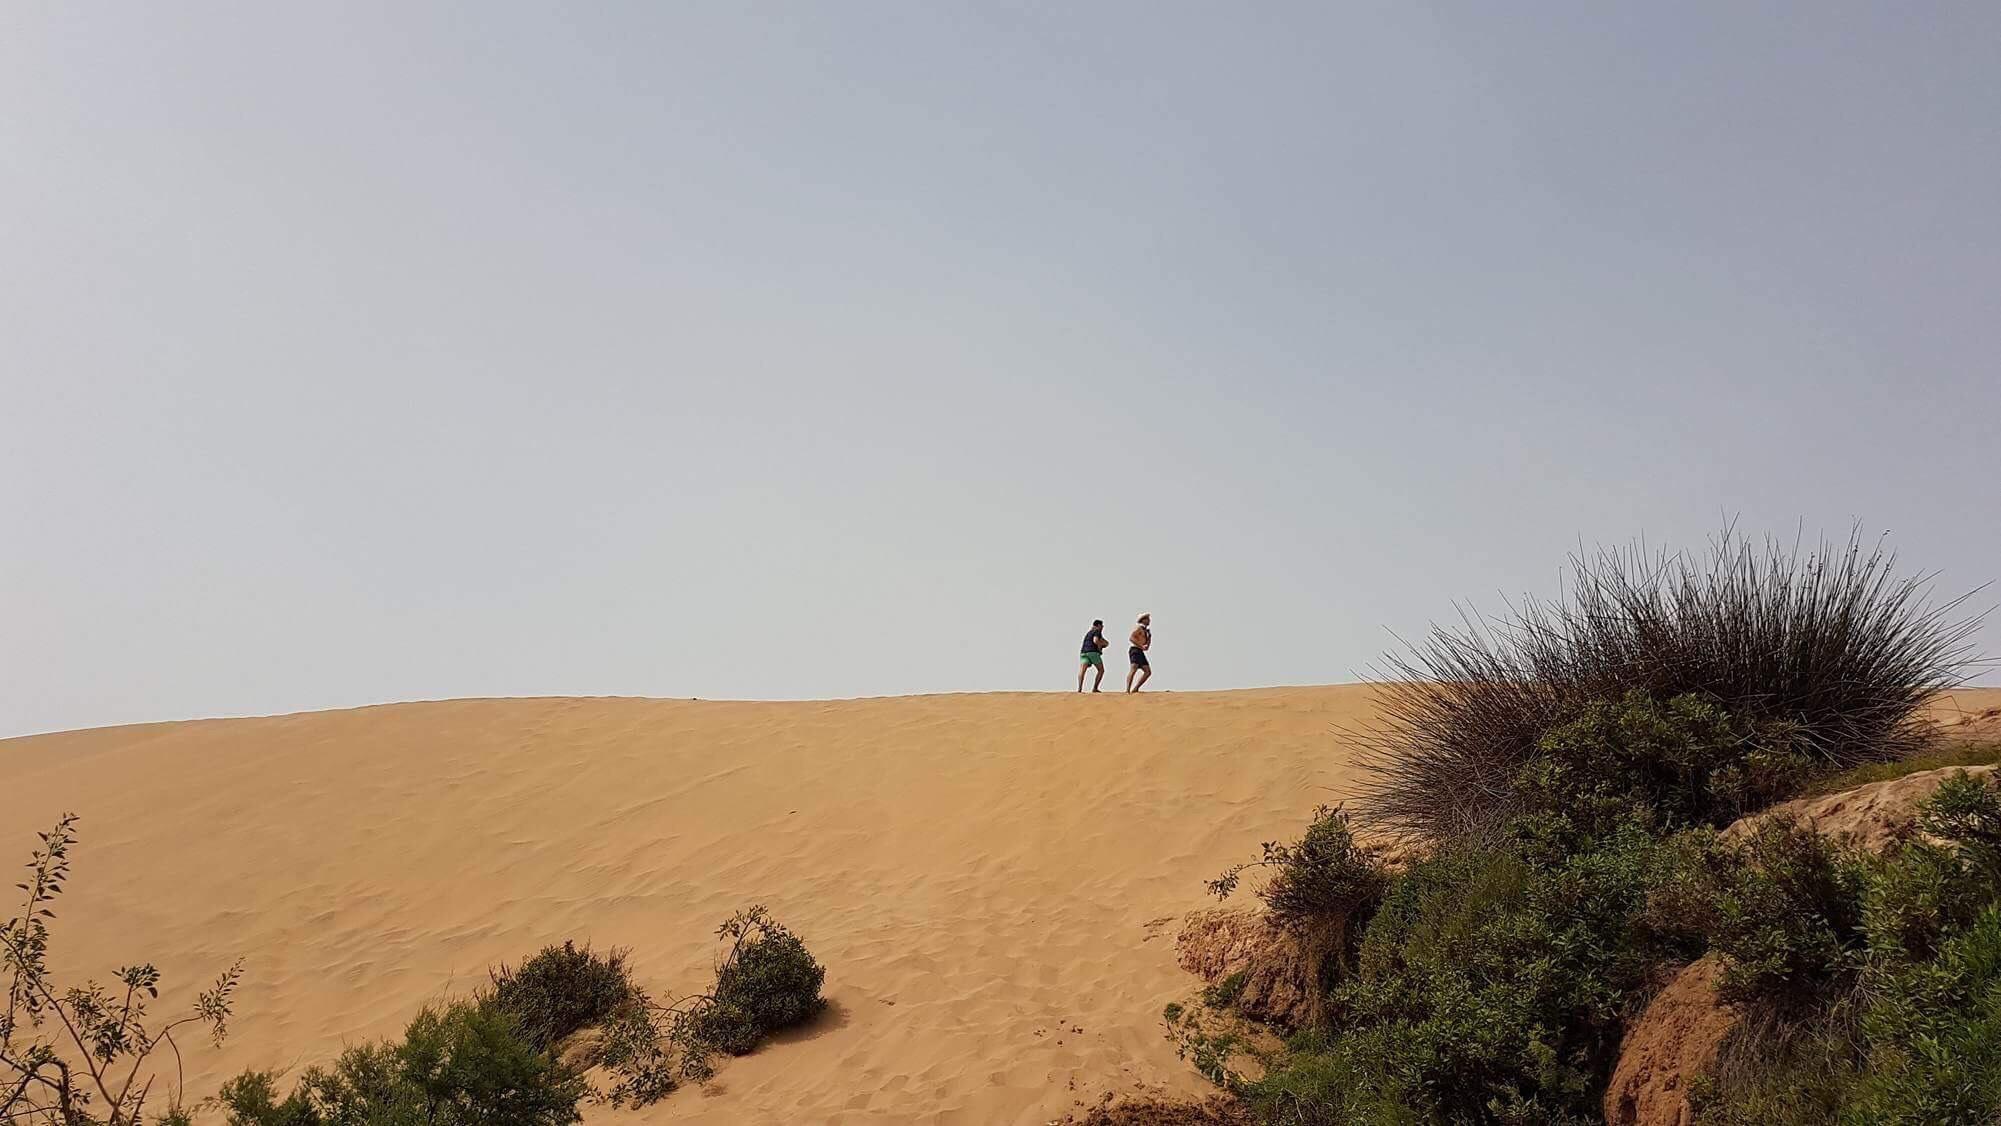 mo-bedouin-camp-kaouki-sarahgriffin3.jpg